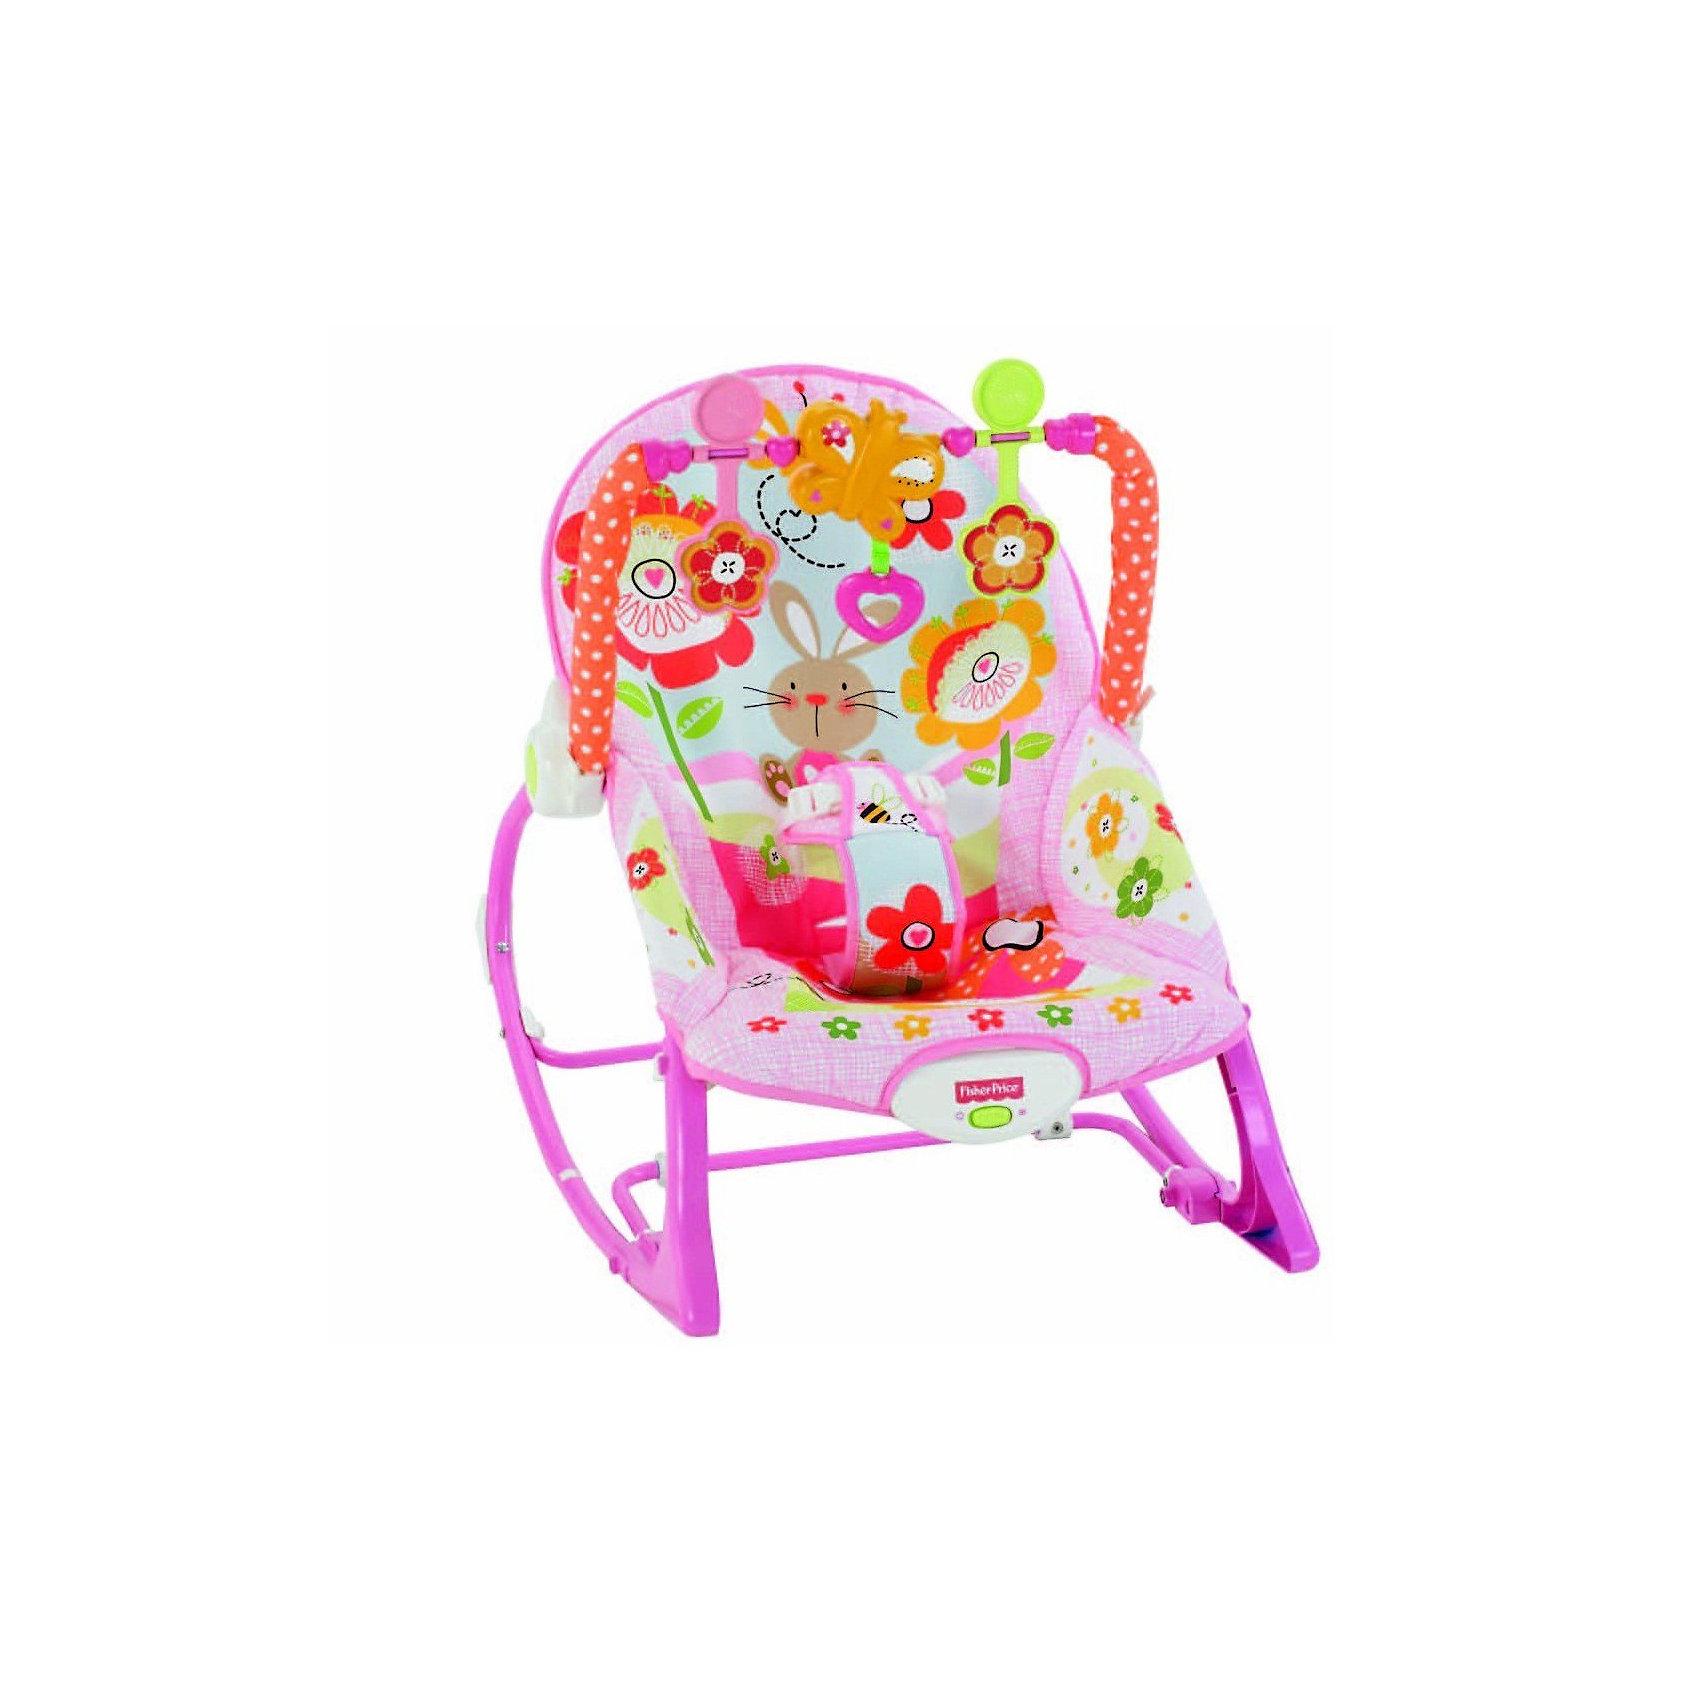 Mattel Кресло-качалка для девочек Растем вместе, Fisher-Price фишер прайс ударяй и играй